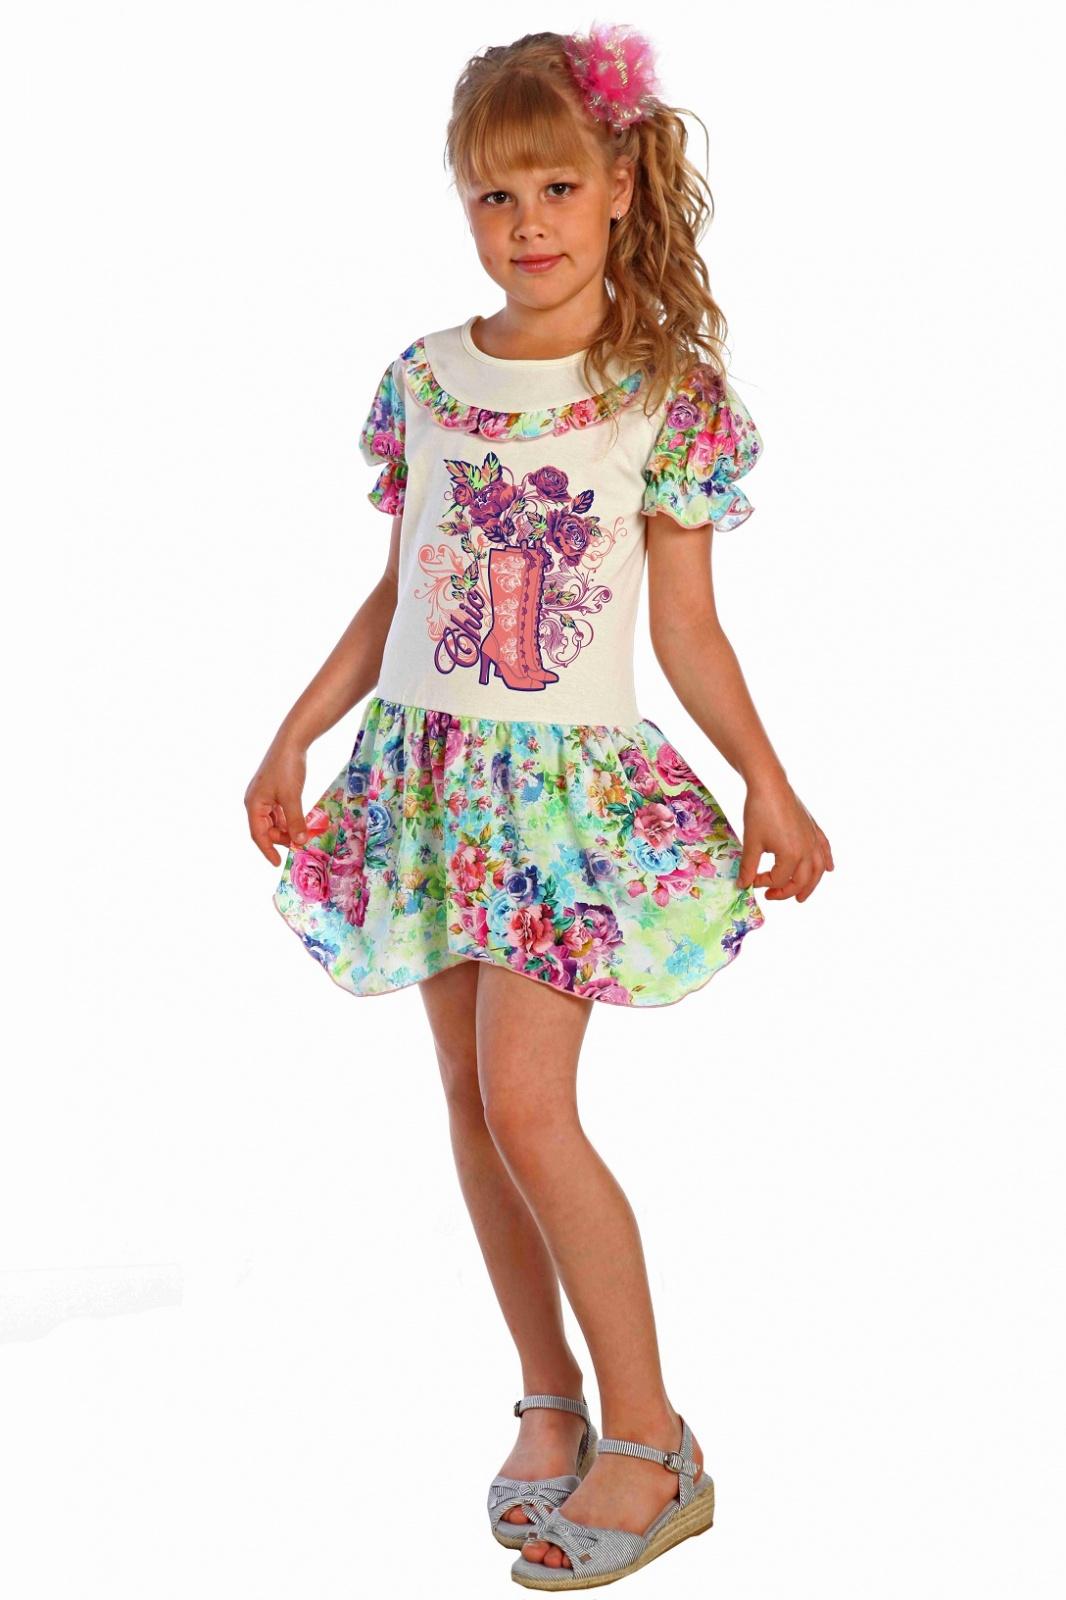 Сбор заказов. Модная одежда для детей Стиляж. Большой выбор по низким ценам: домашняя одежда, одежда для школы, платья